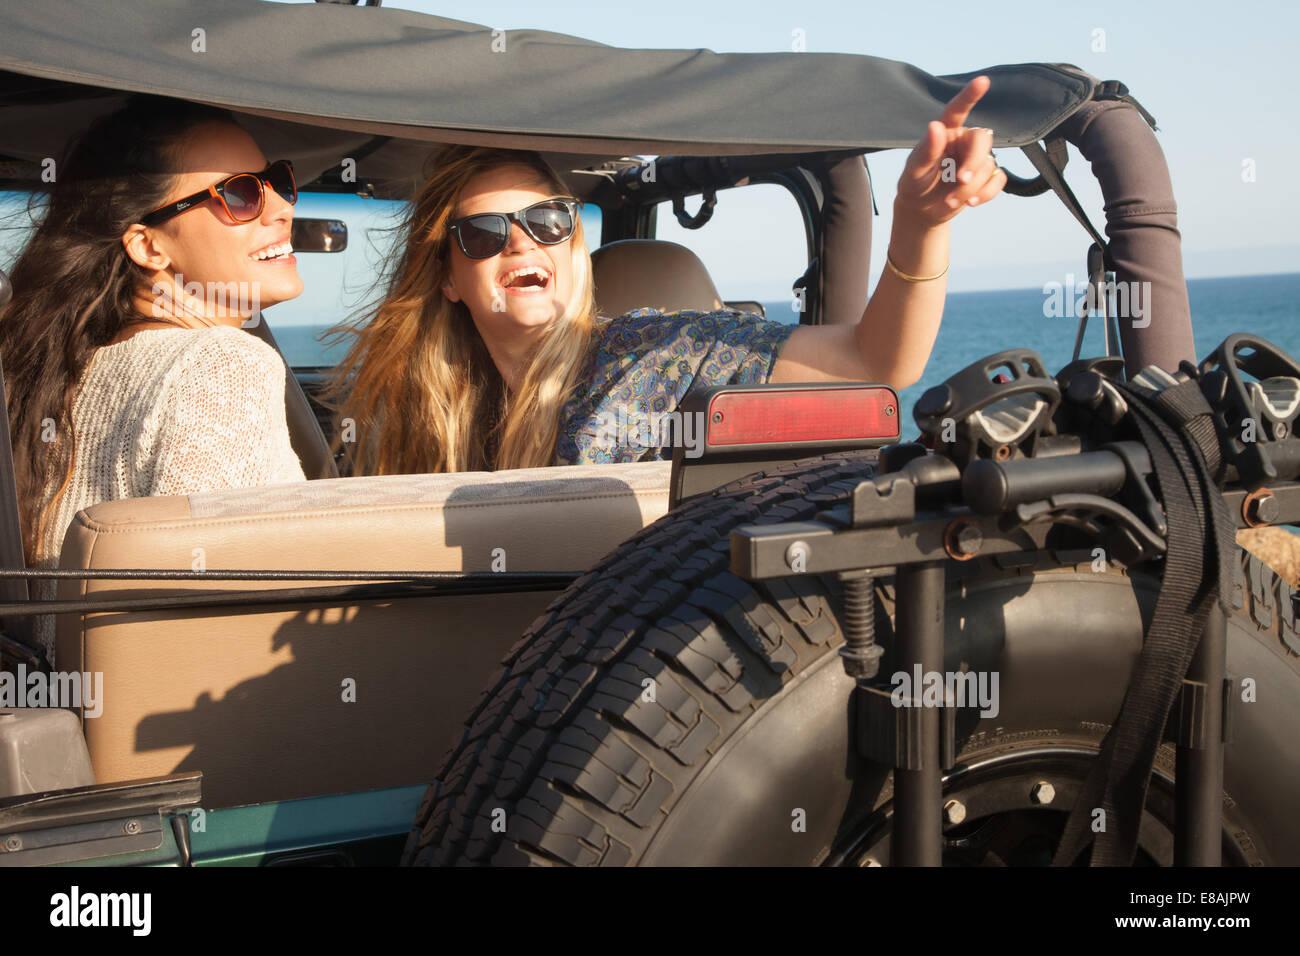 Due giovani donne cercando da jeep a costa, Malibu, California, Stati Uniti d'America Immagini Stock